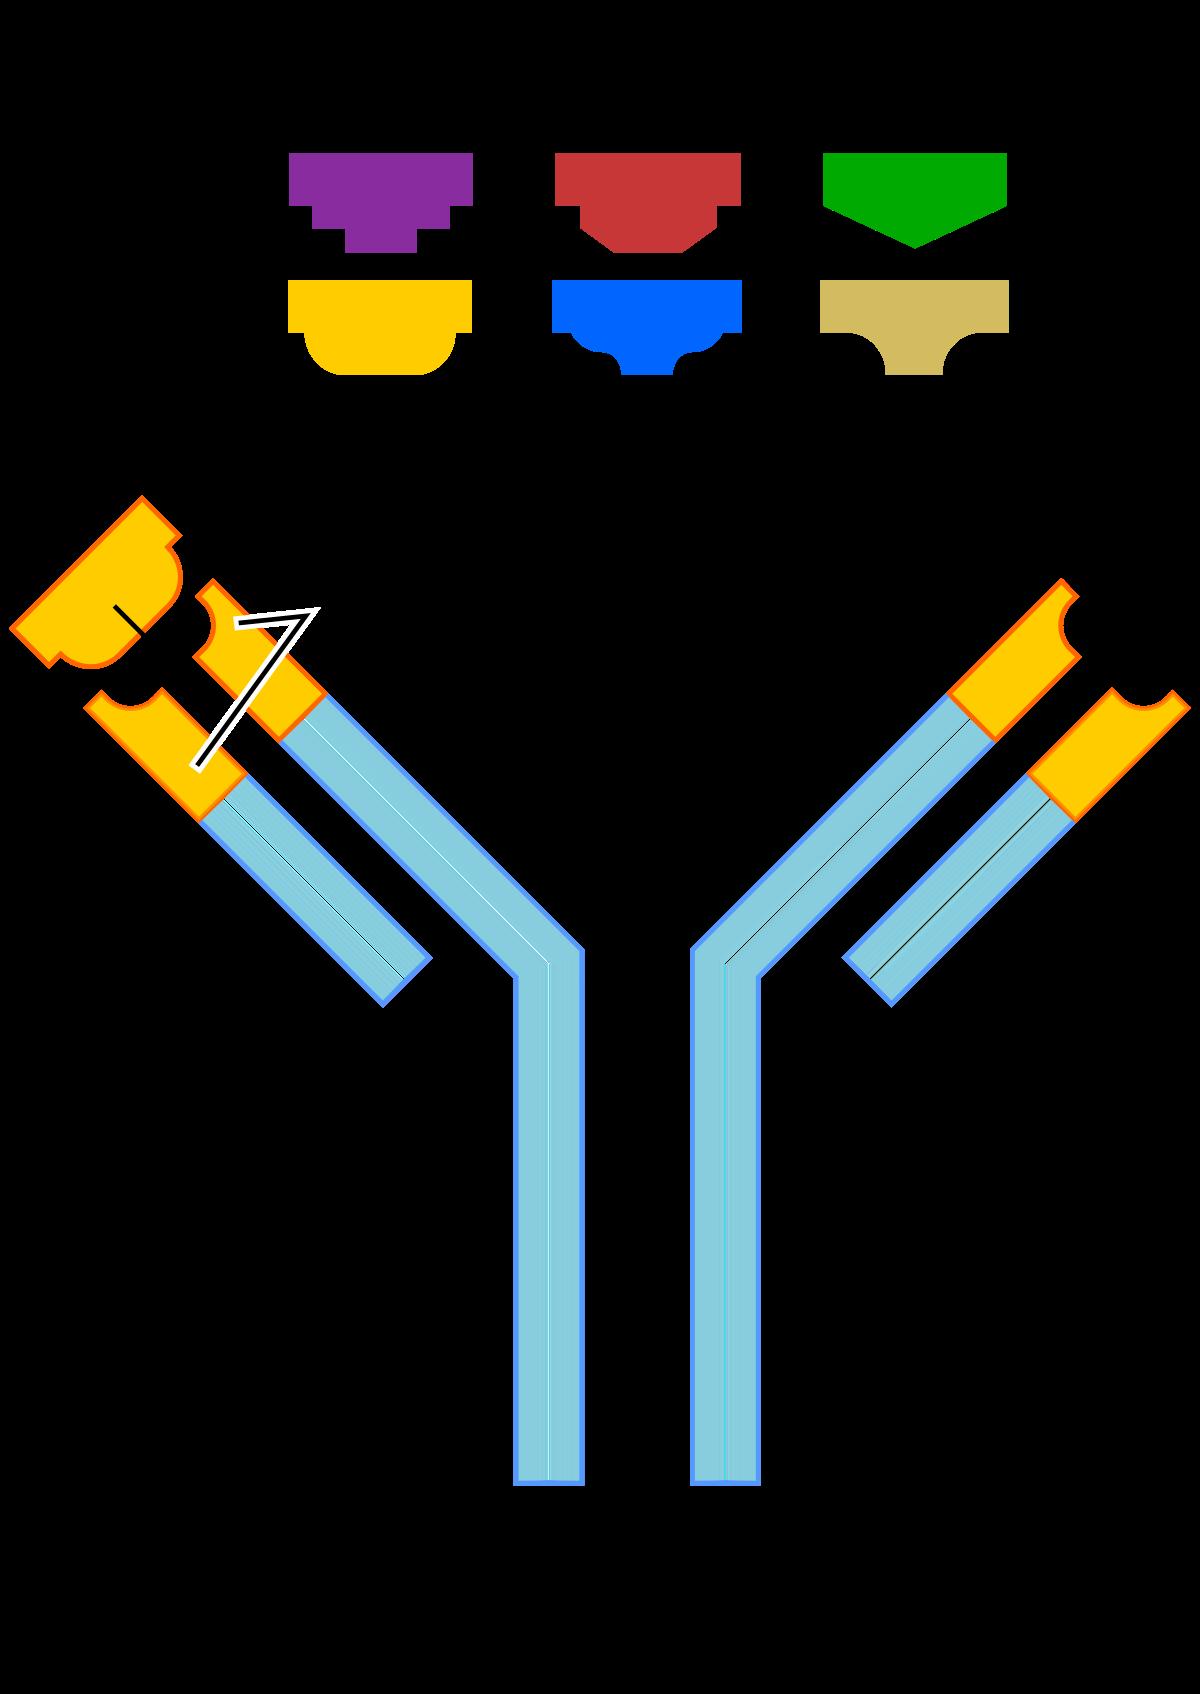 Lehetséges kerekes férgek előállítása - Antitest ellen kerekes féreg